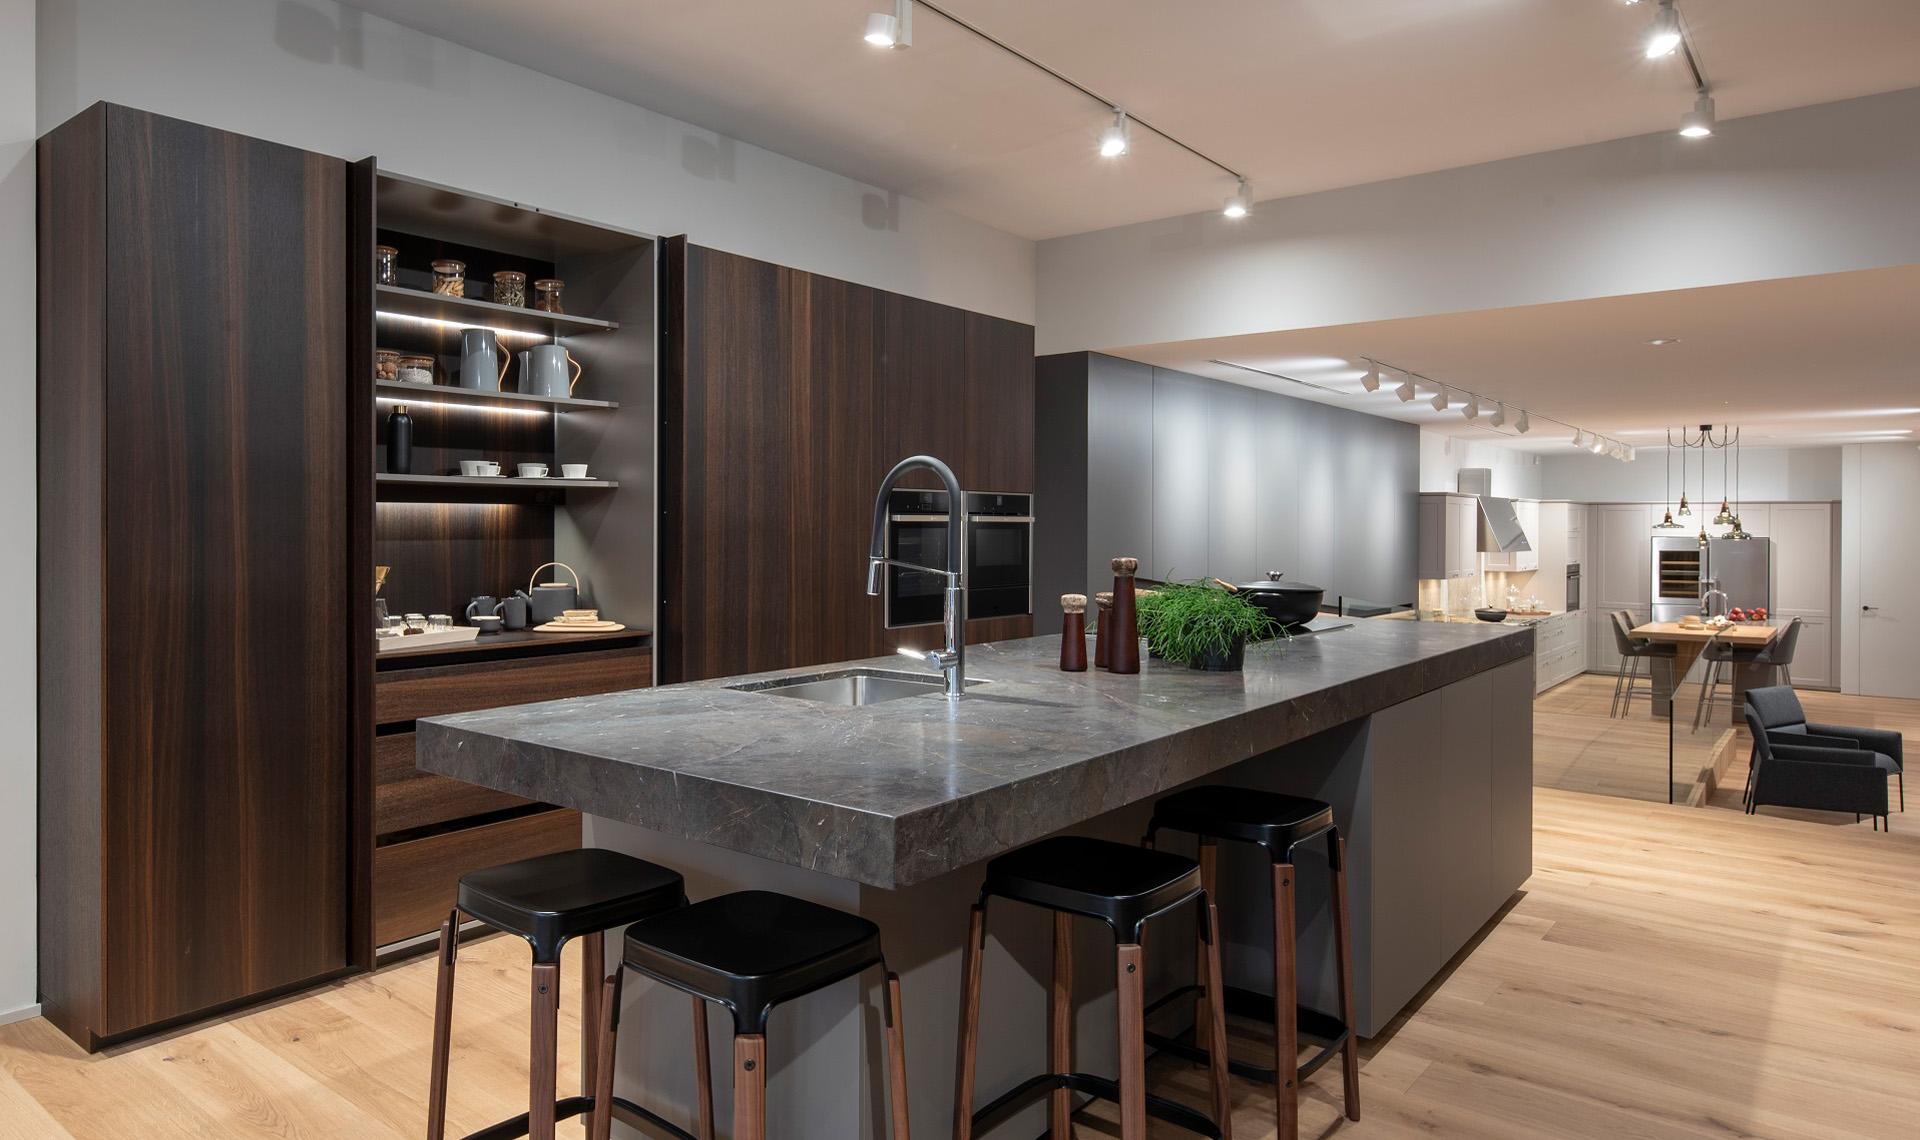 ¿Qué elementos debe tener una cocina moderna?